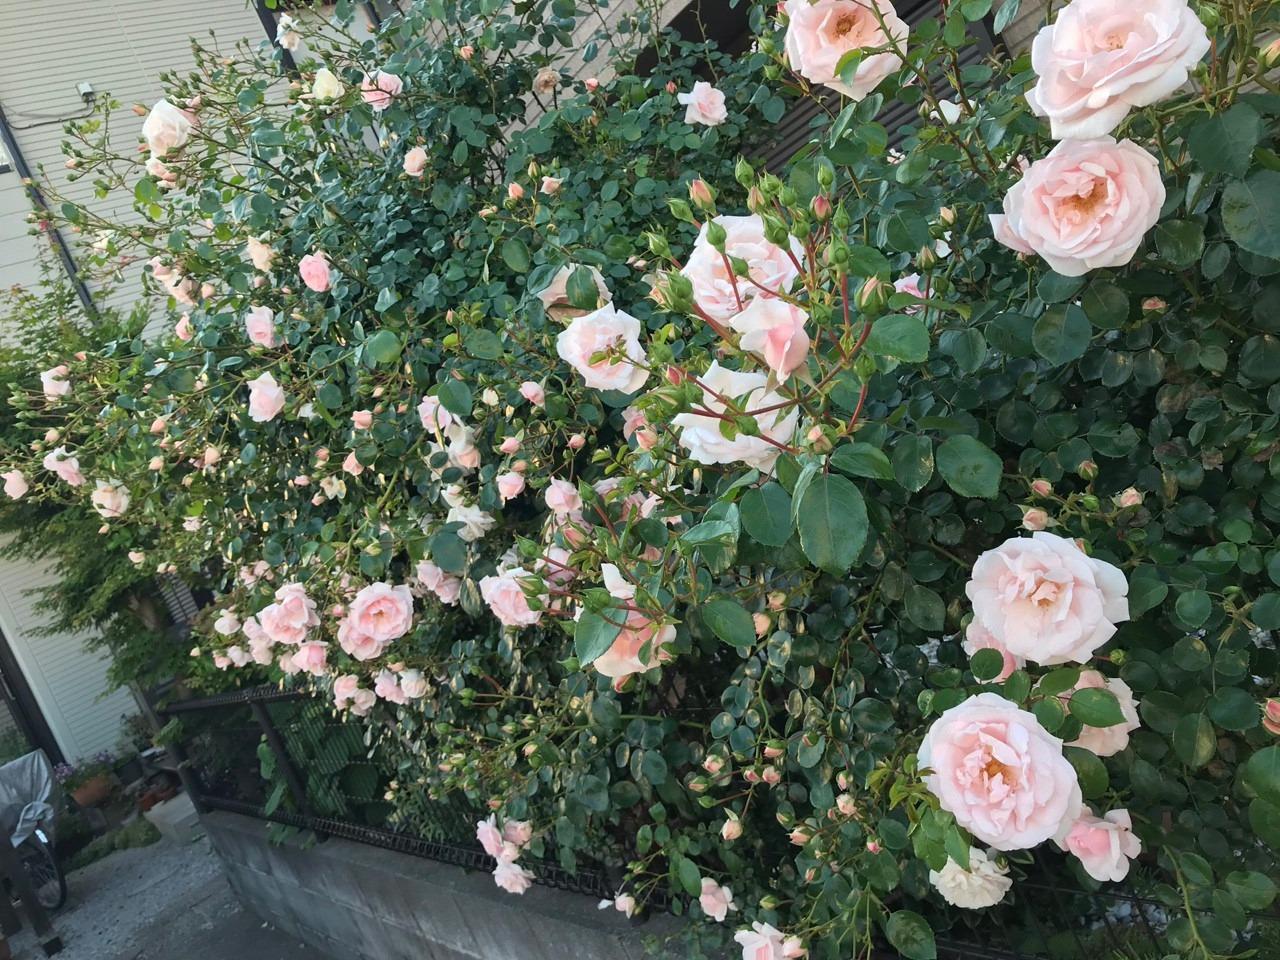 cây hoa hồng nhiều nụ, sai hoa